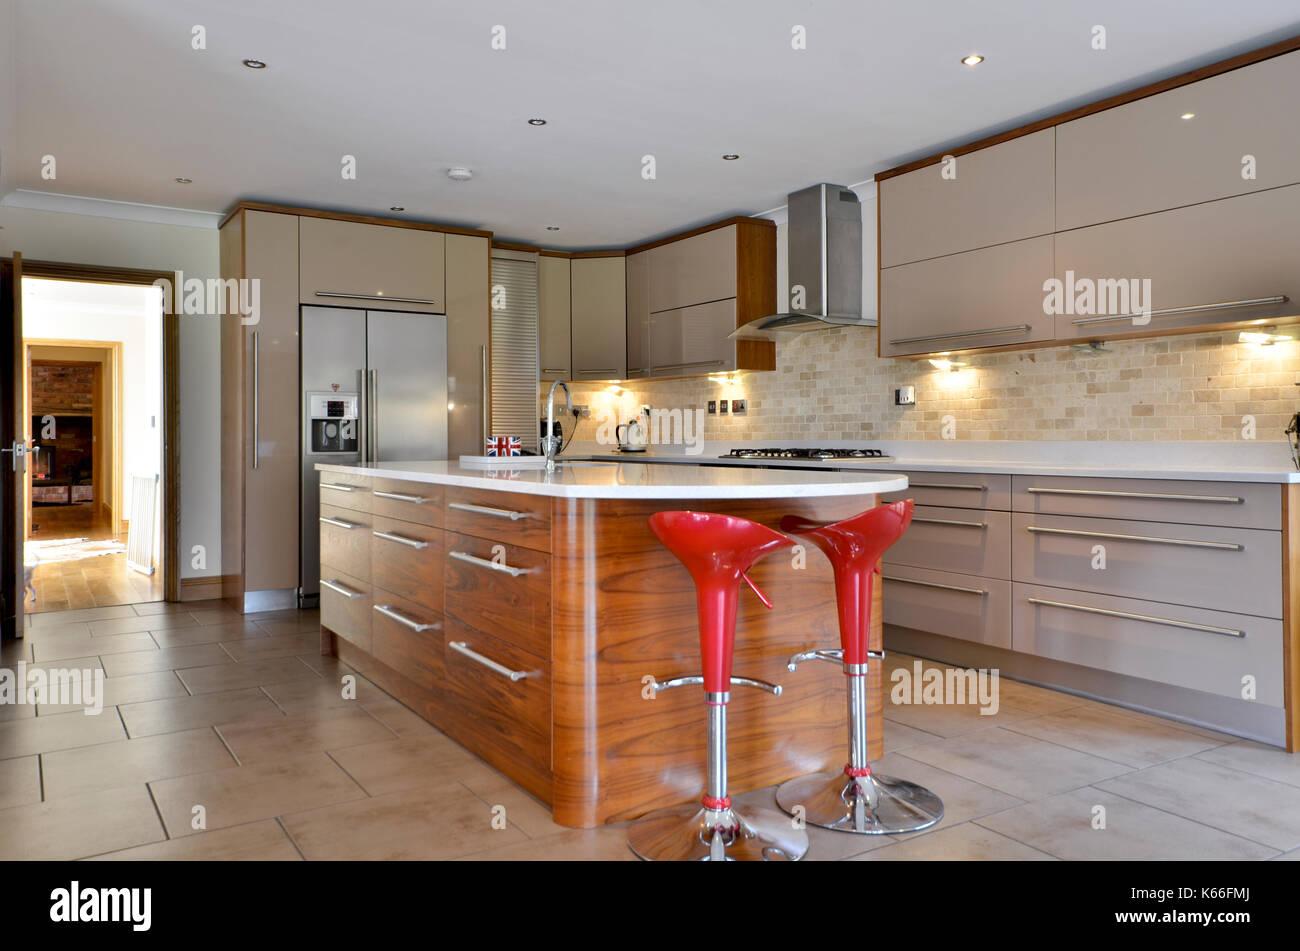 La colazione bar con sgabelli rosso cucina nuova foto & immagine